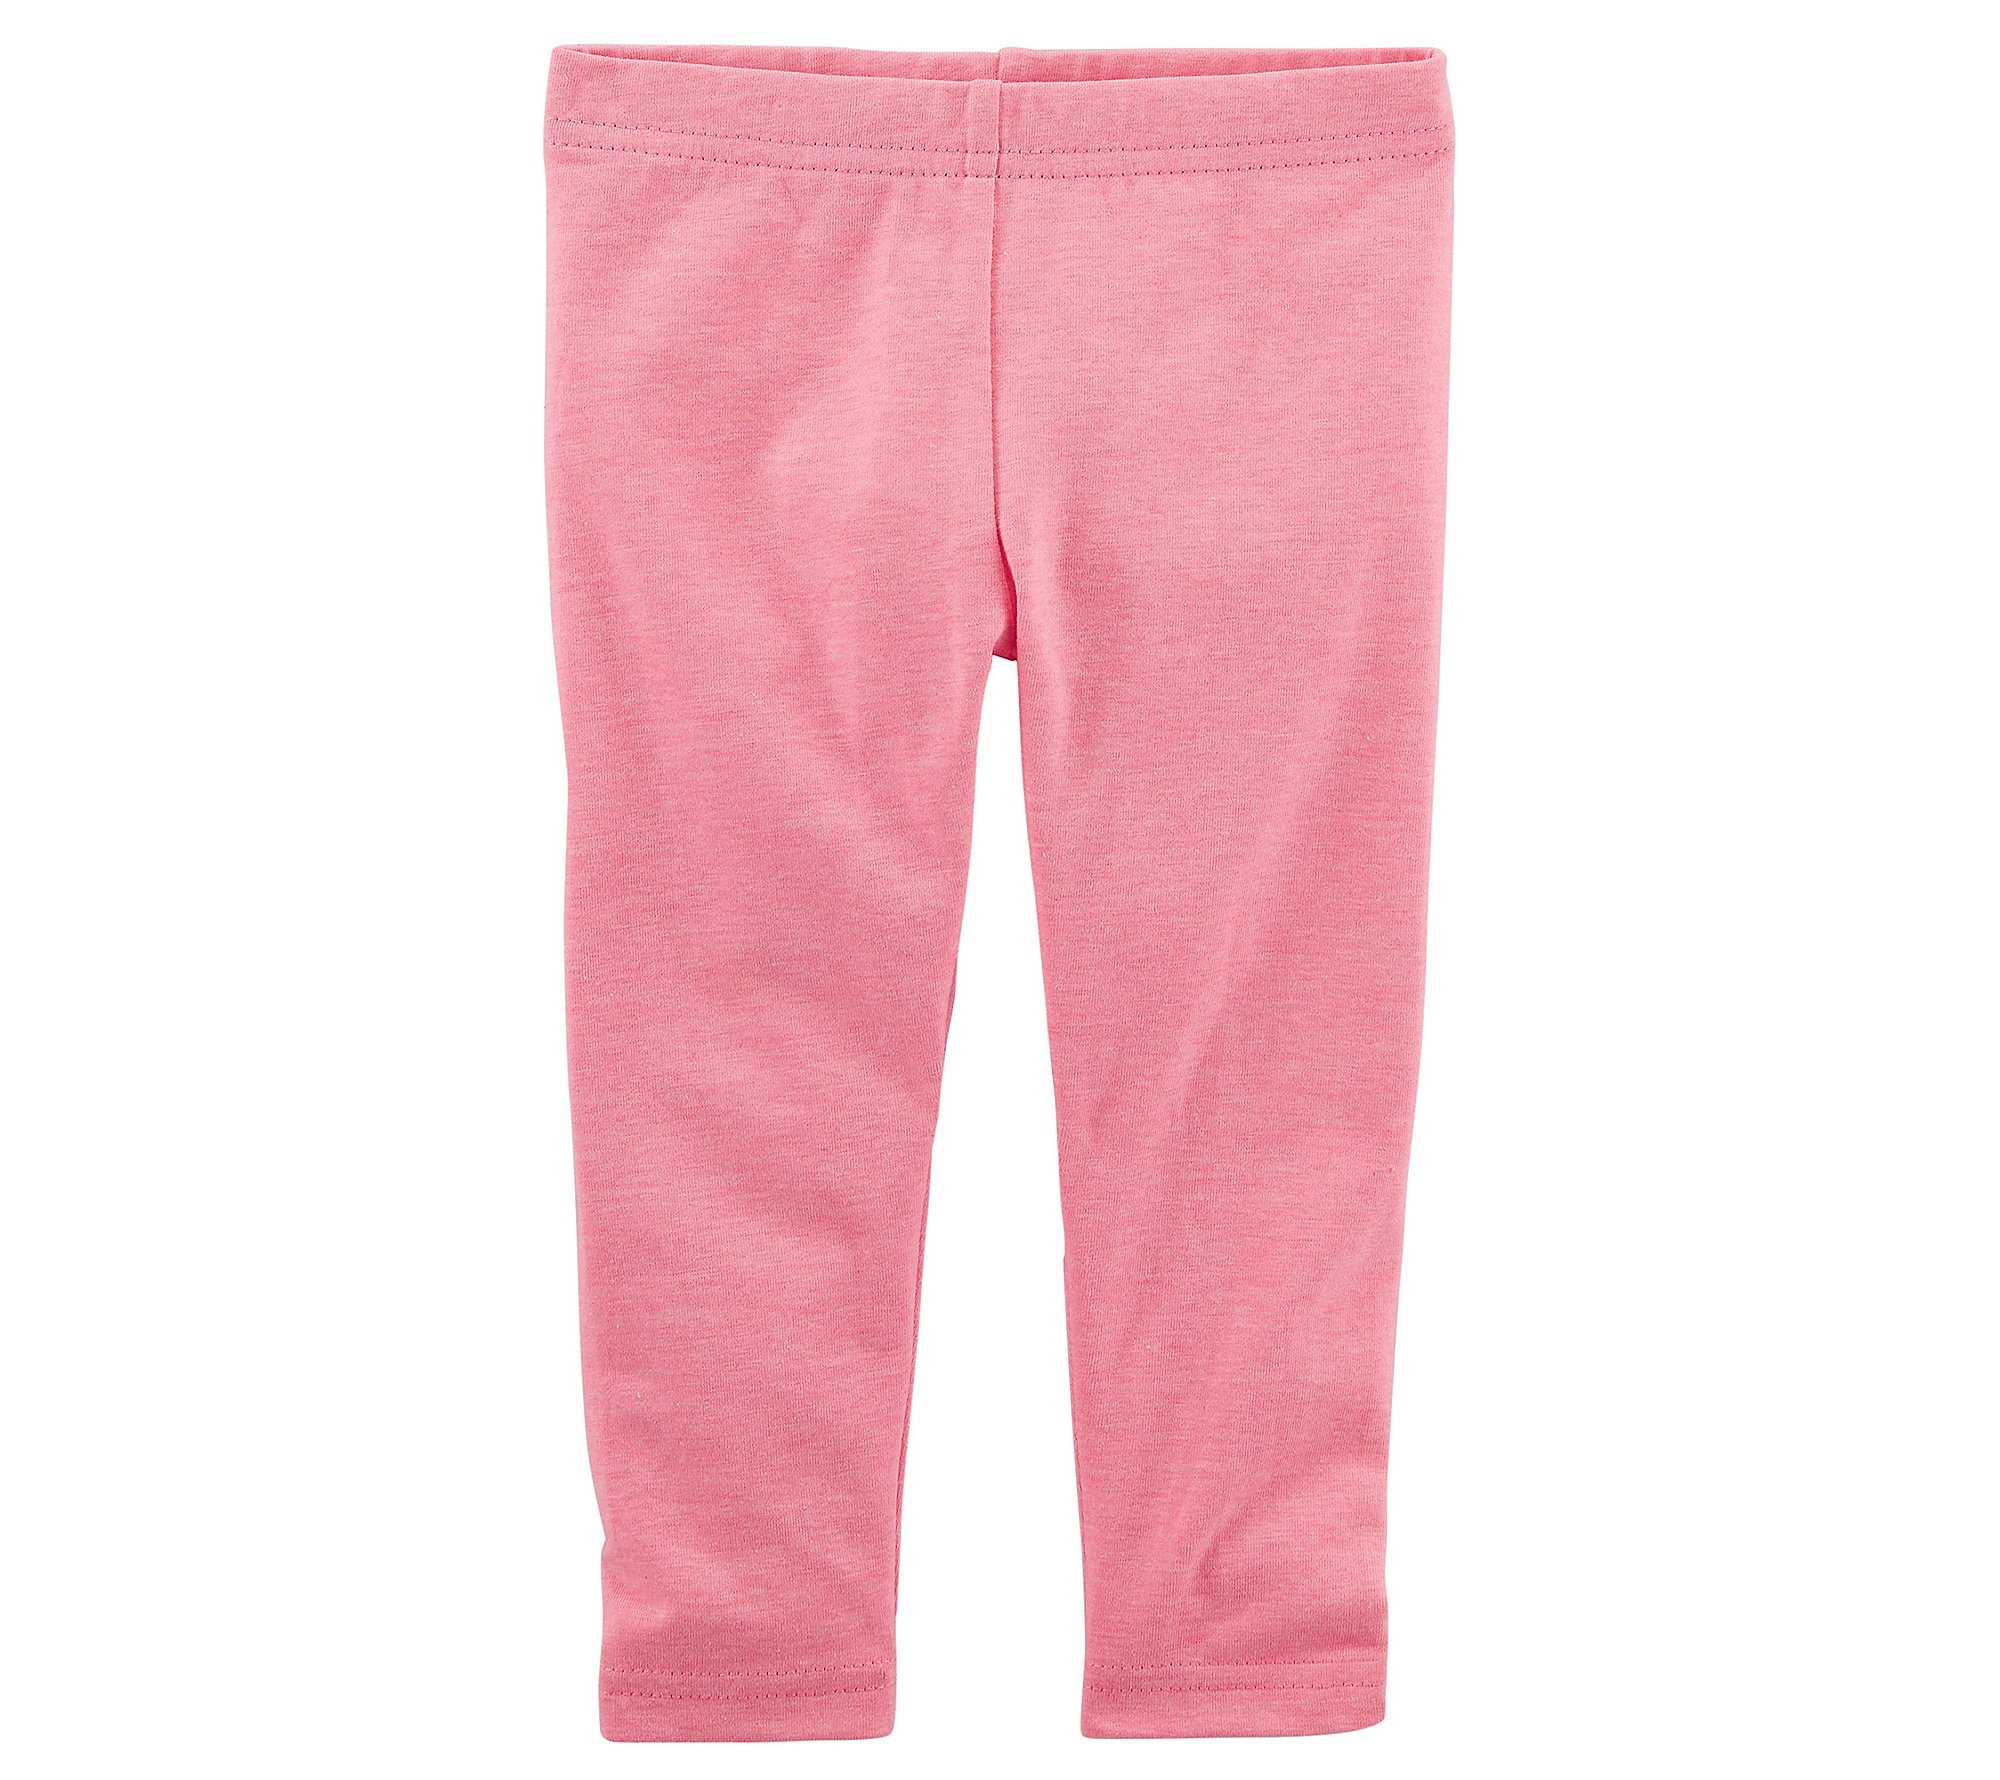 Carter's Girls' 2T-8 Capri Leggings Pink 4T